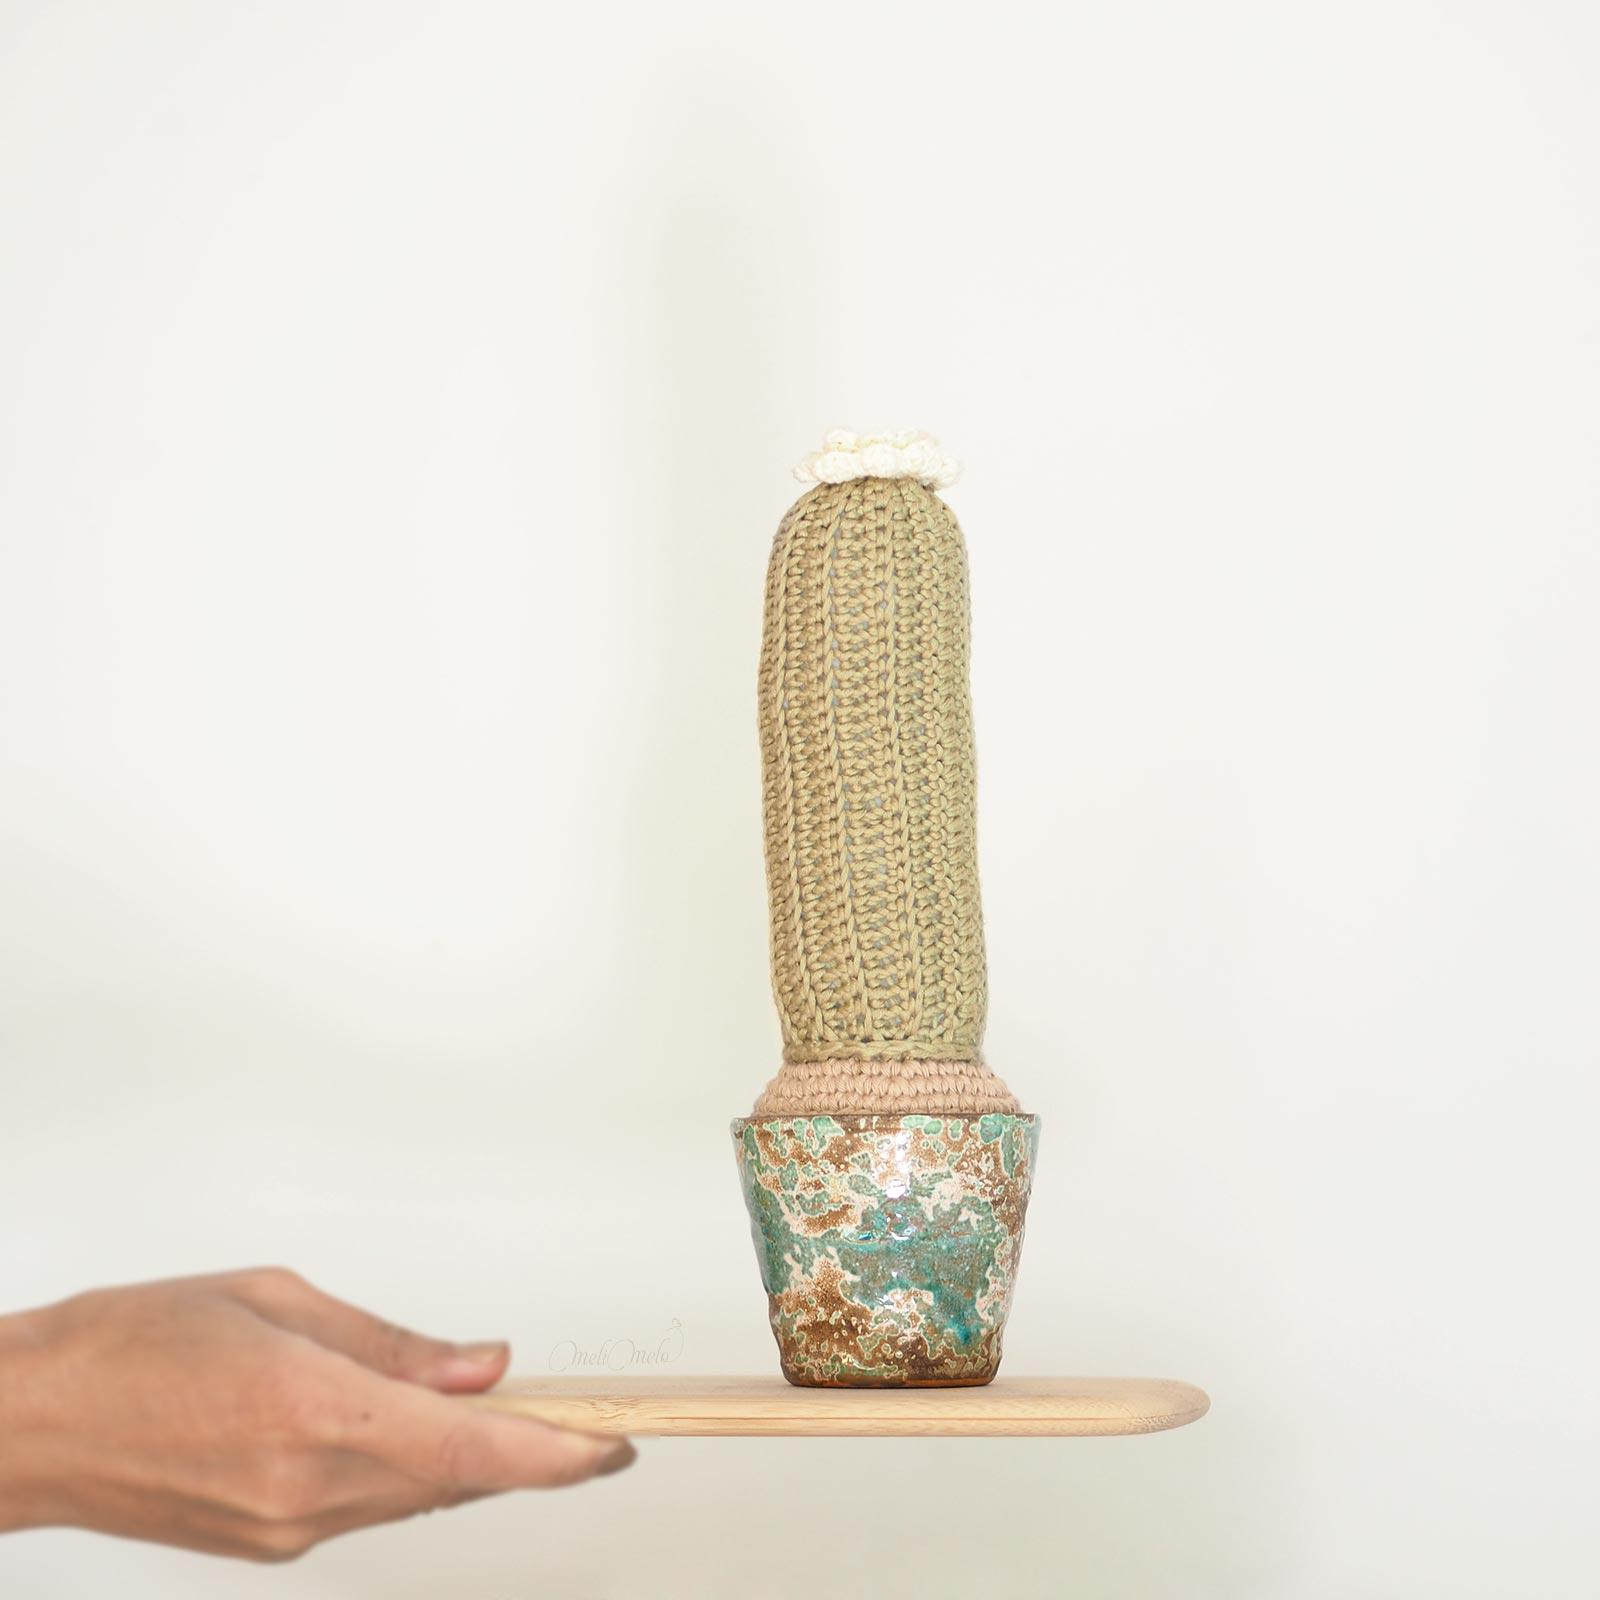 crochet cactus haut coton pima thecottonwool weareknitters dmc natura céramique homeware laboutiquedemelimelo